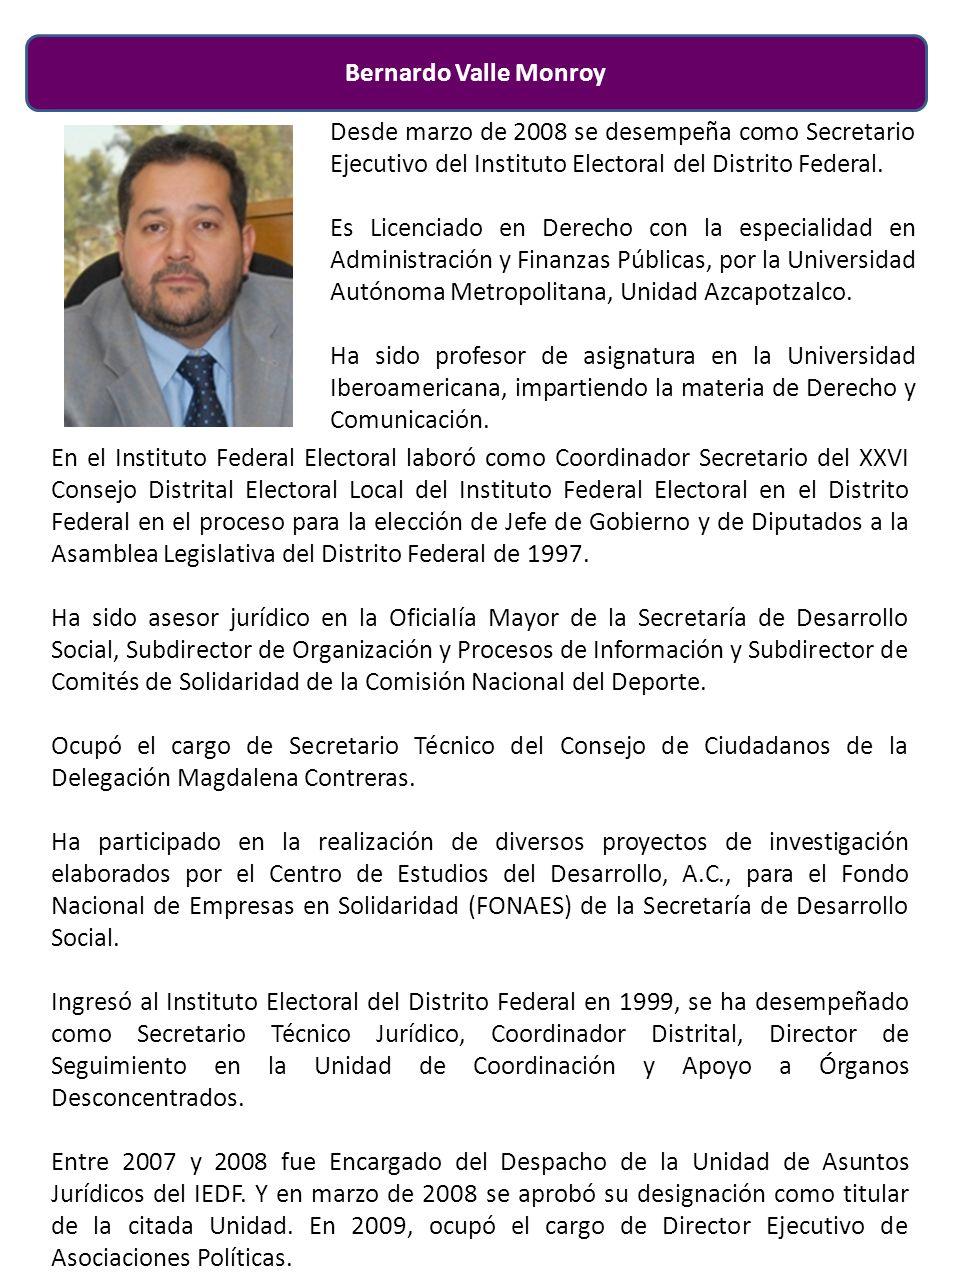 Bernardo Valle Monroy Desde marzo de 2008 se desempeña como Secretario Ejecutivo del Instituto Electoral del Distrito Federal.